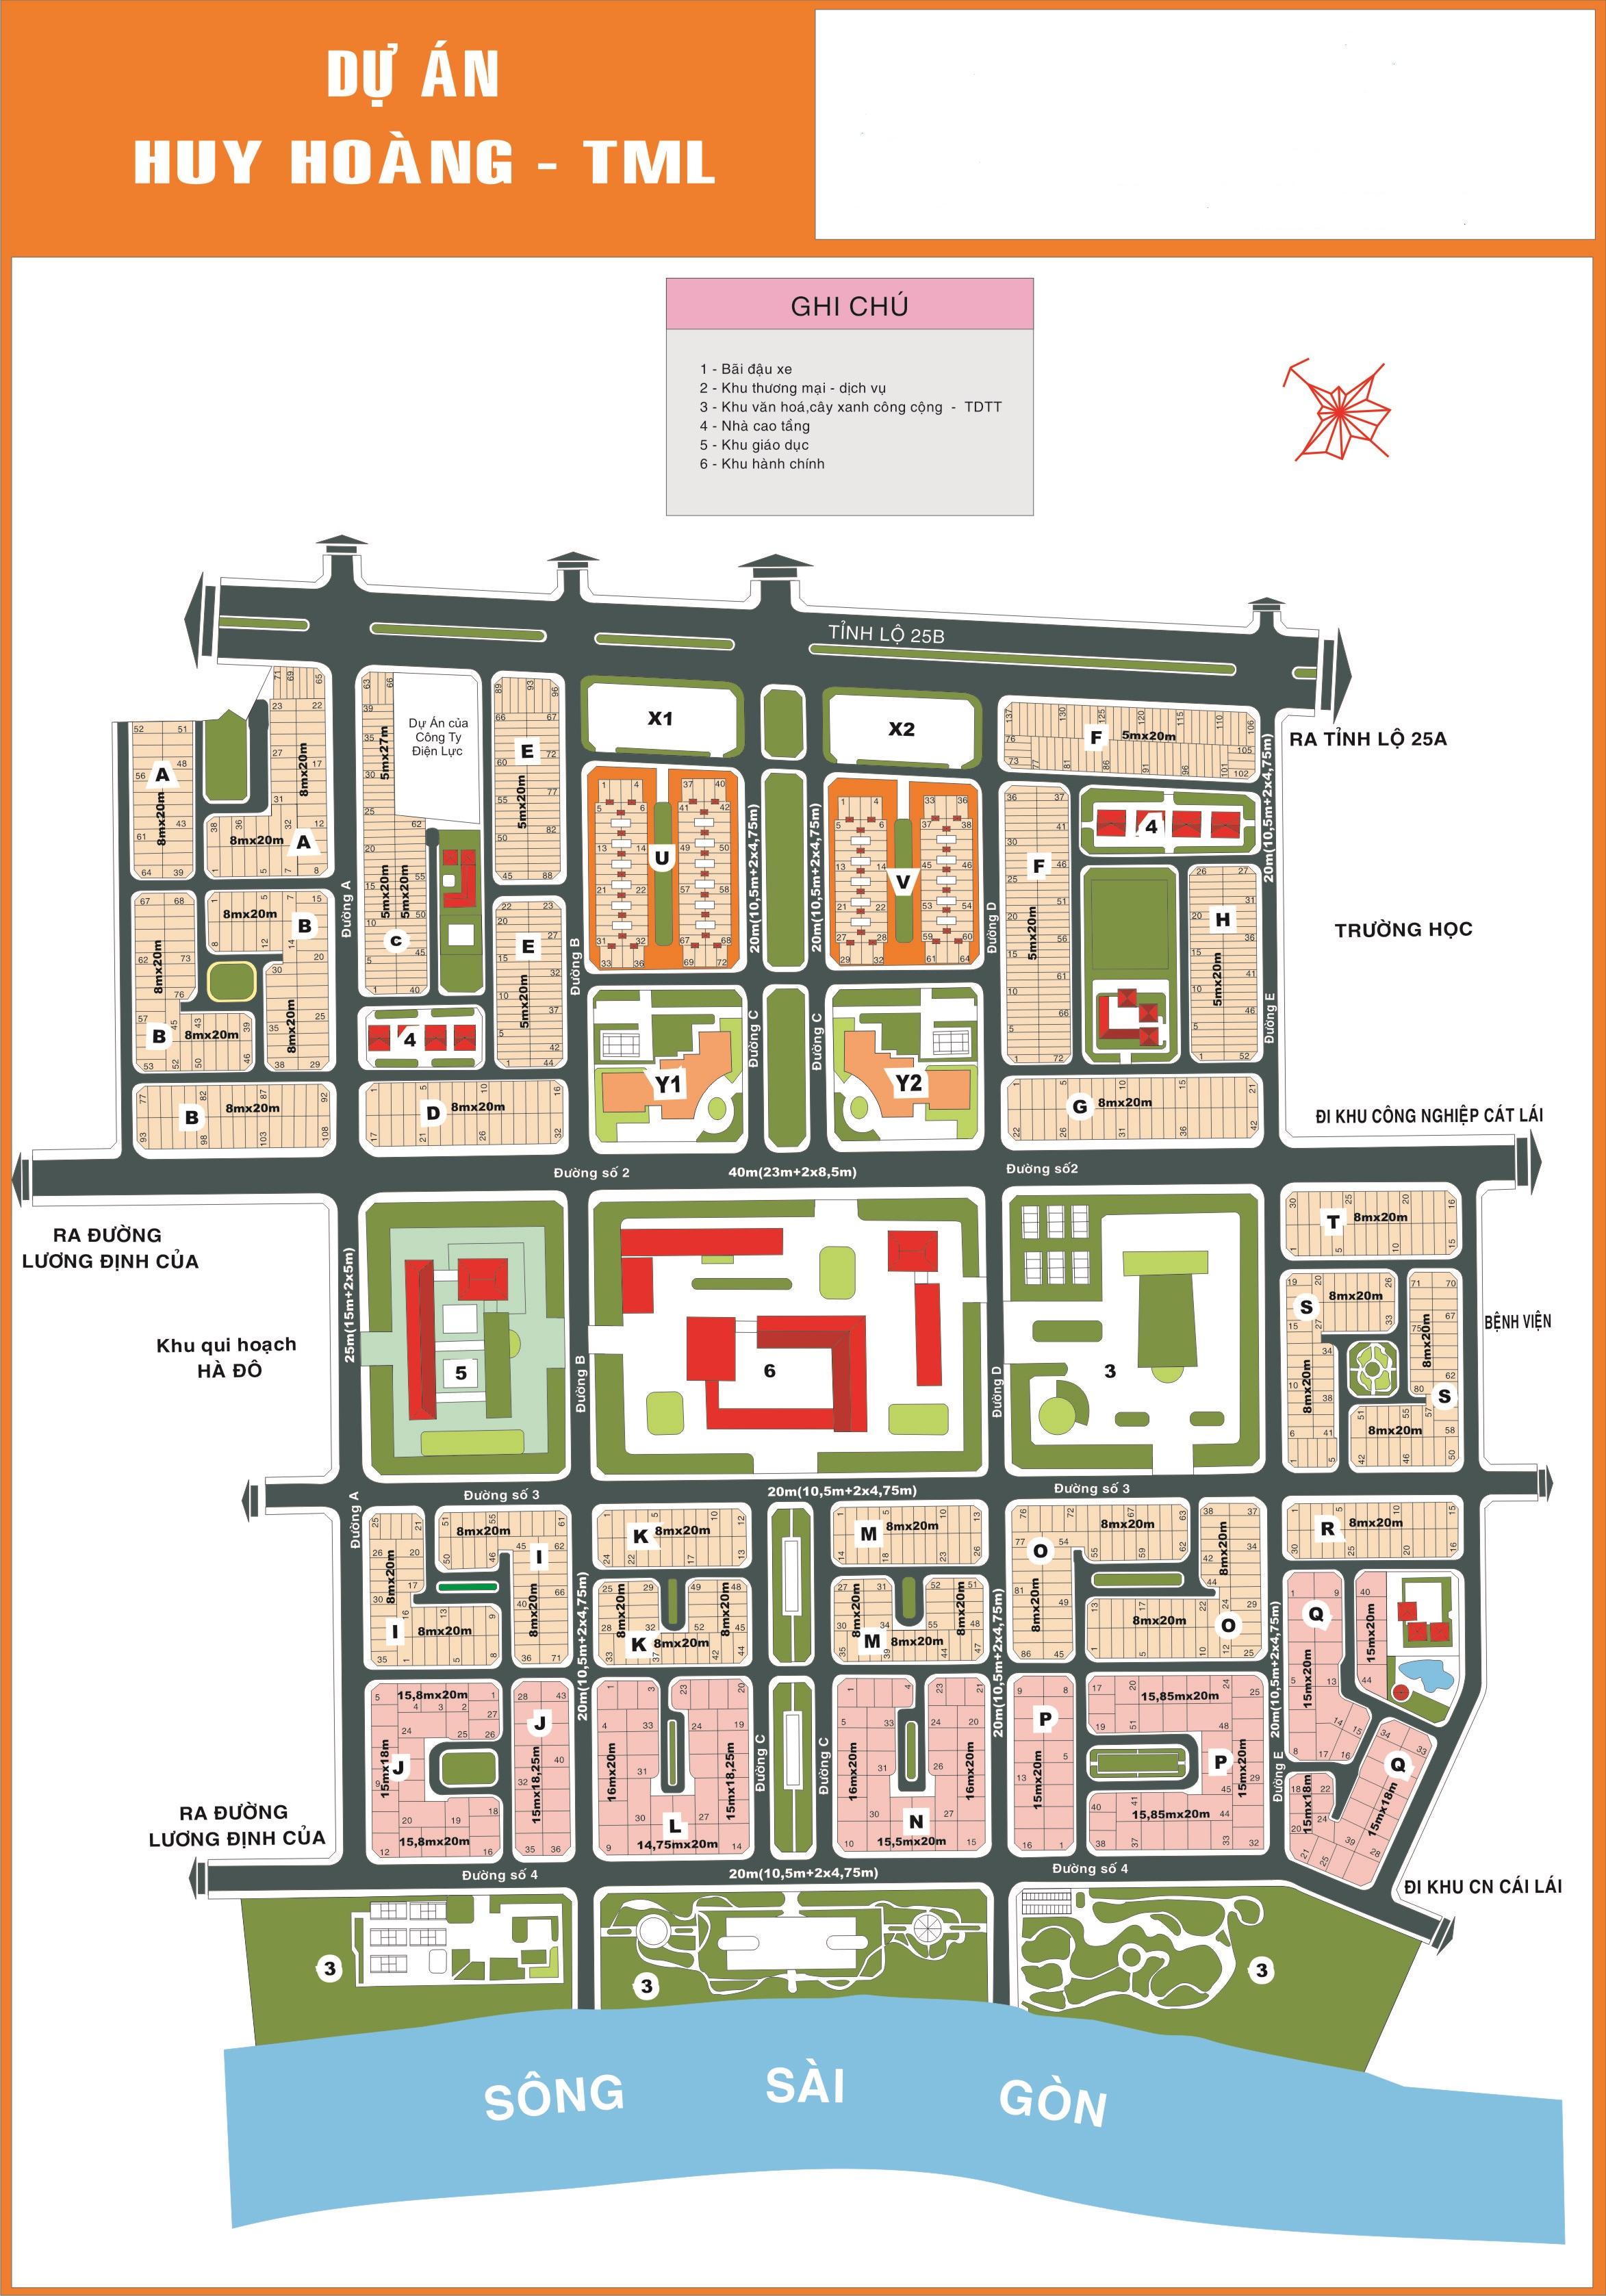 Dự án Huy Hoàng ở Thạnh Mỹ Lợi, Quận 2